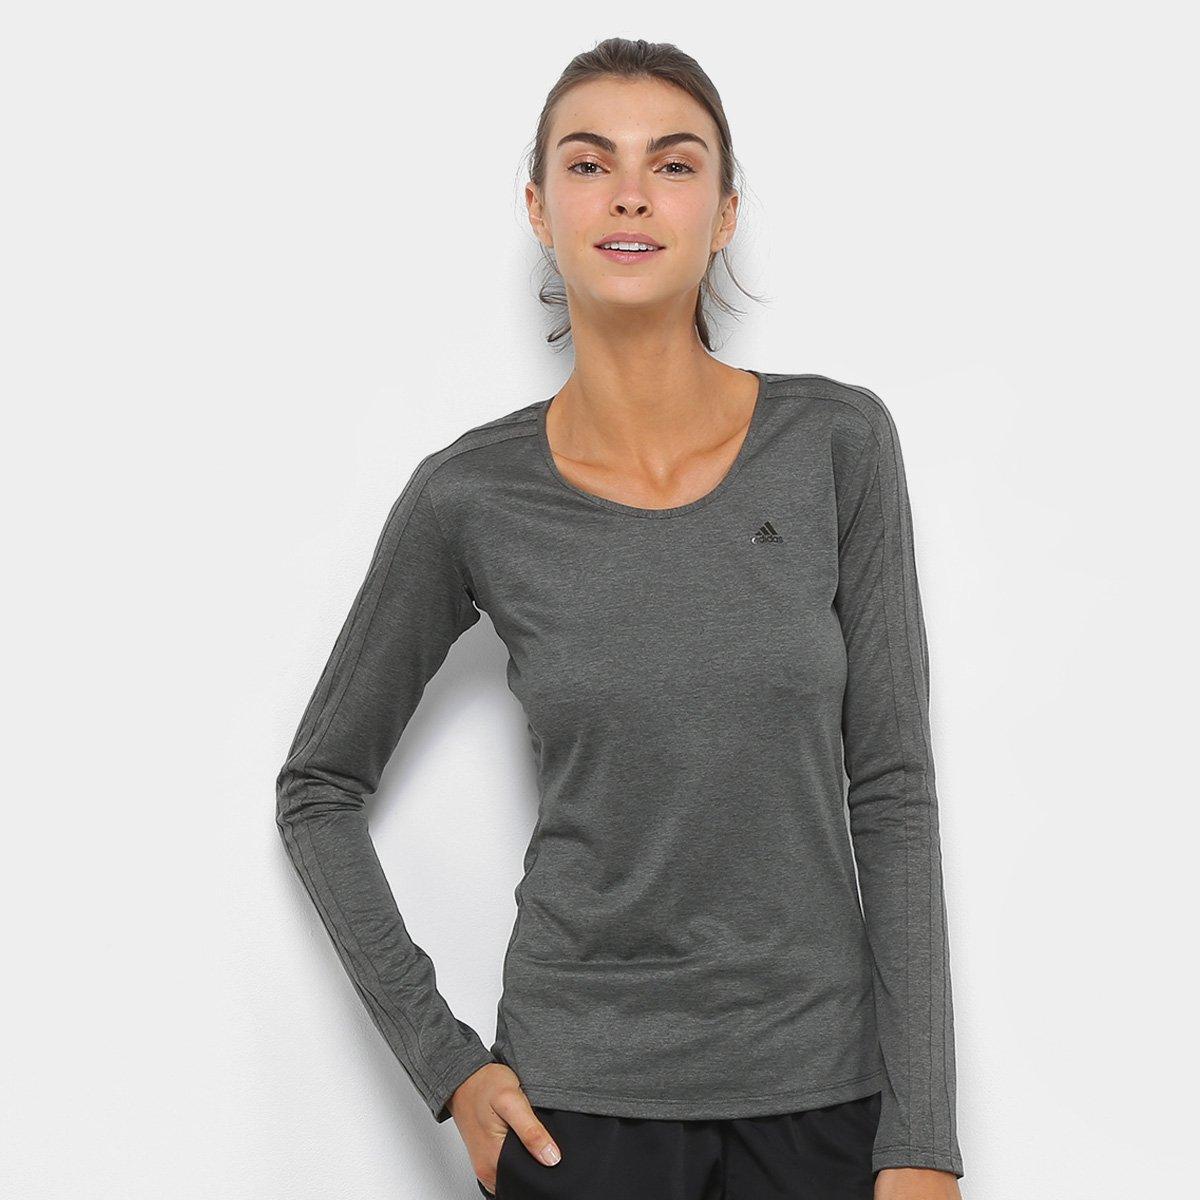 Camiseta Adidas Manga Longa 3S Ls Feminina - Cinza e Preto - Compre Agora  b56a9734096